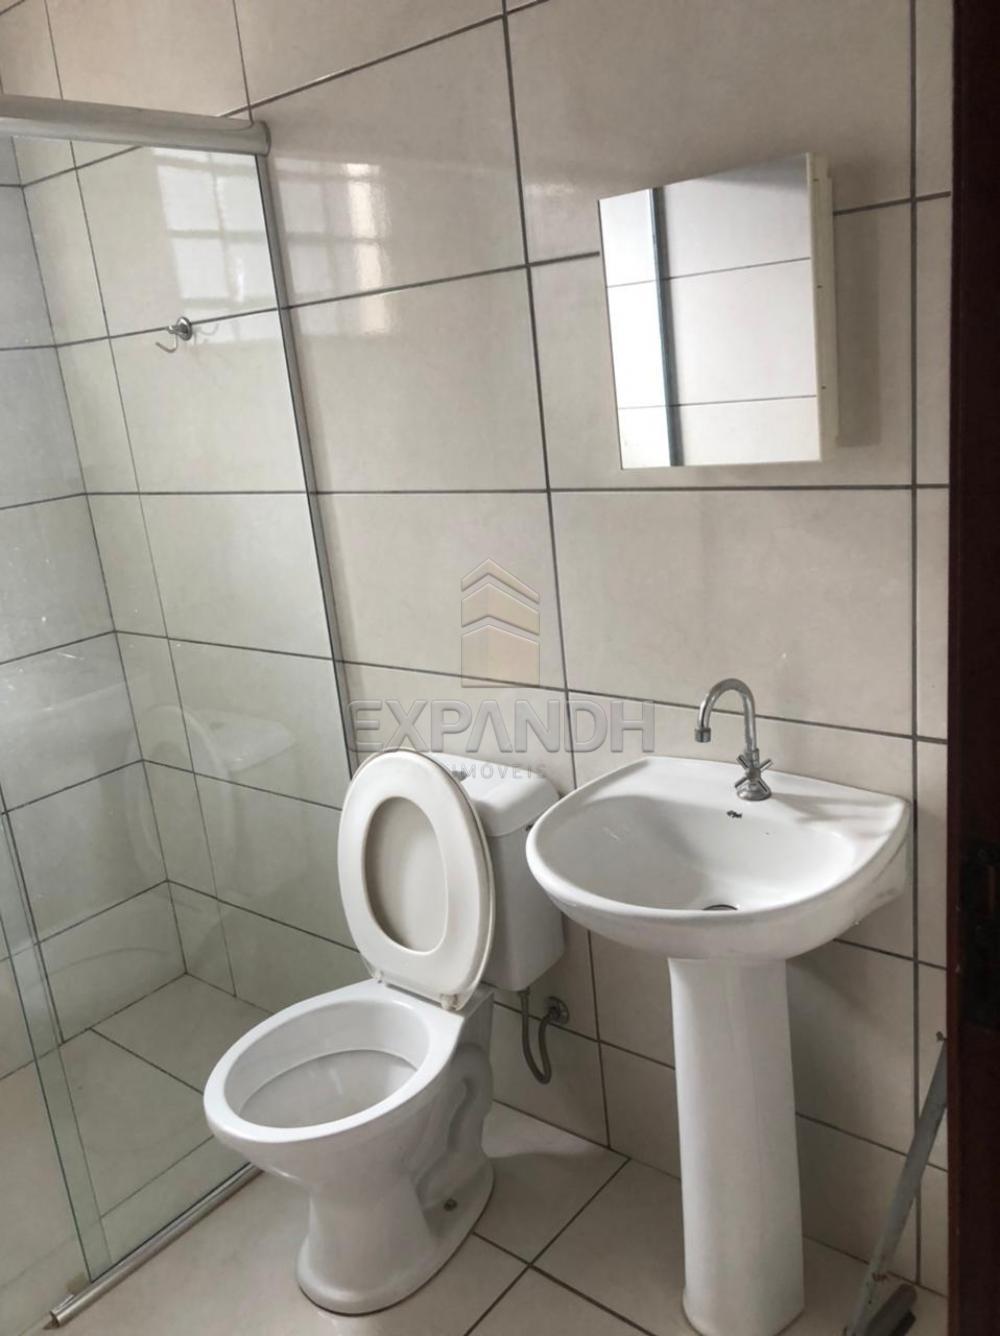 Alugar Casas / Padrão em Sertãozinho R$ 750,00 - Foto 9